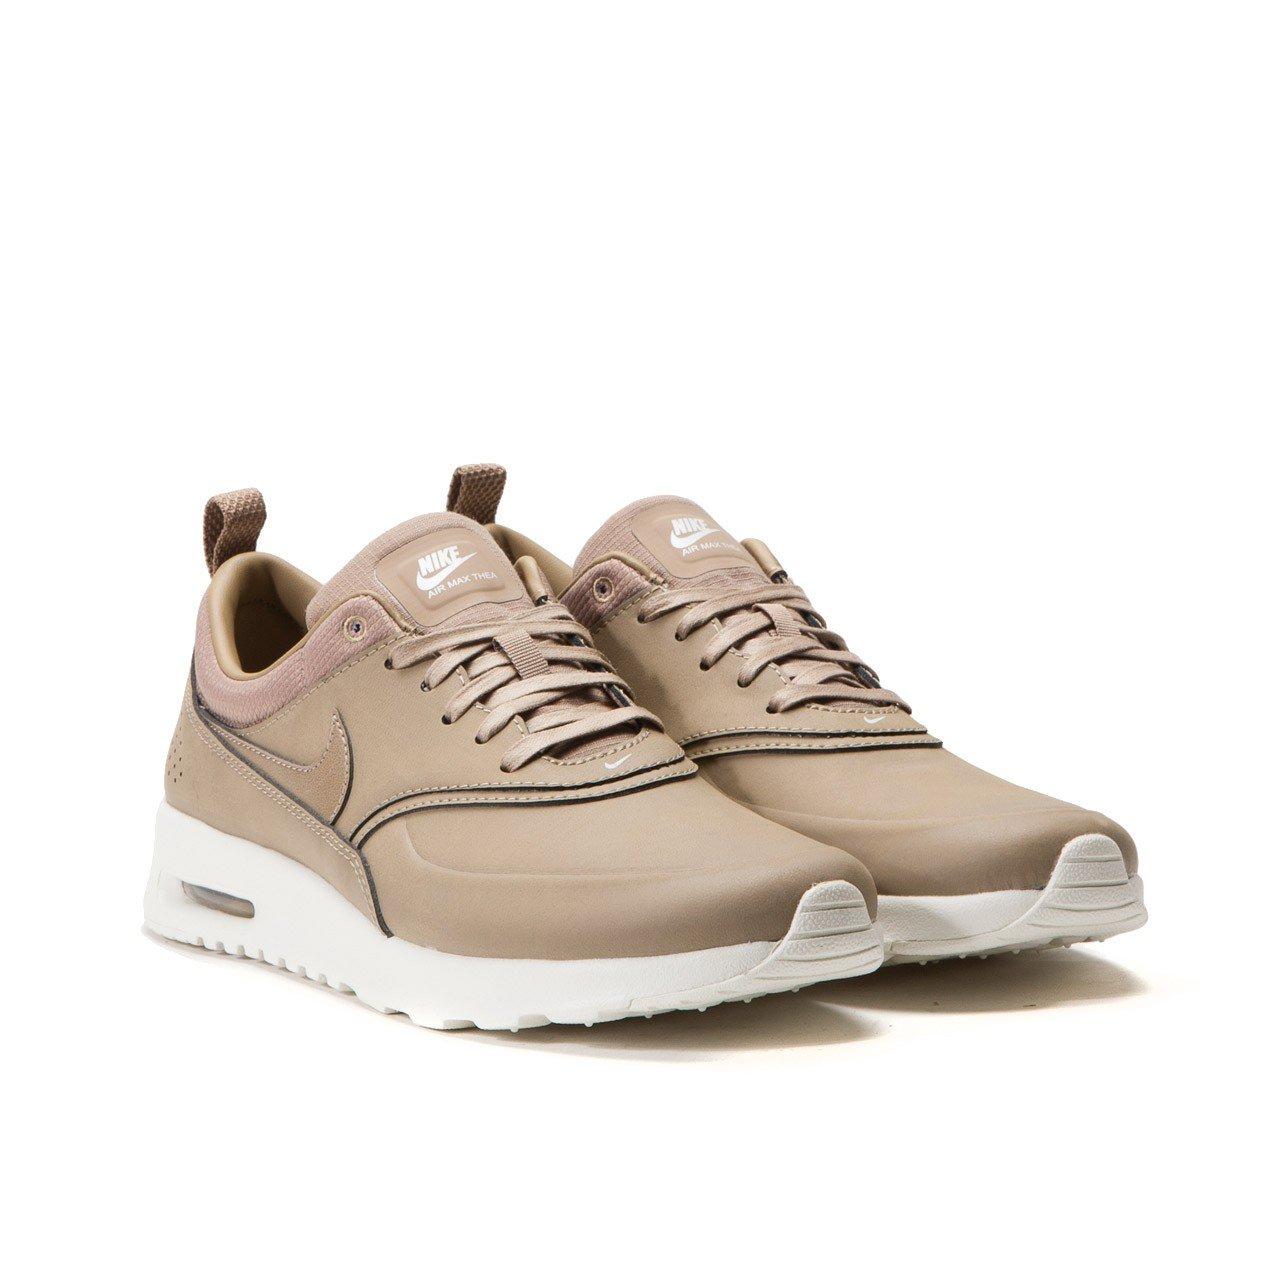 wholesale dealer bb25e ab4cd Demi tarif rabais Chaussures Nike Womens Nike Air Max Thea Desert Camo    Noir   Voile Description du Produit Baskets Nike Wmns Nike Air Max Thea air  Max ...